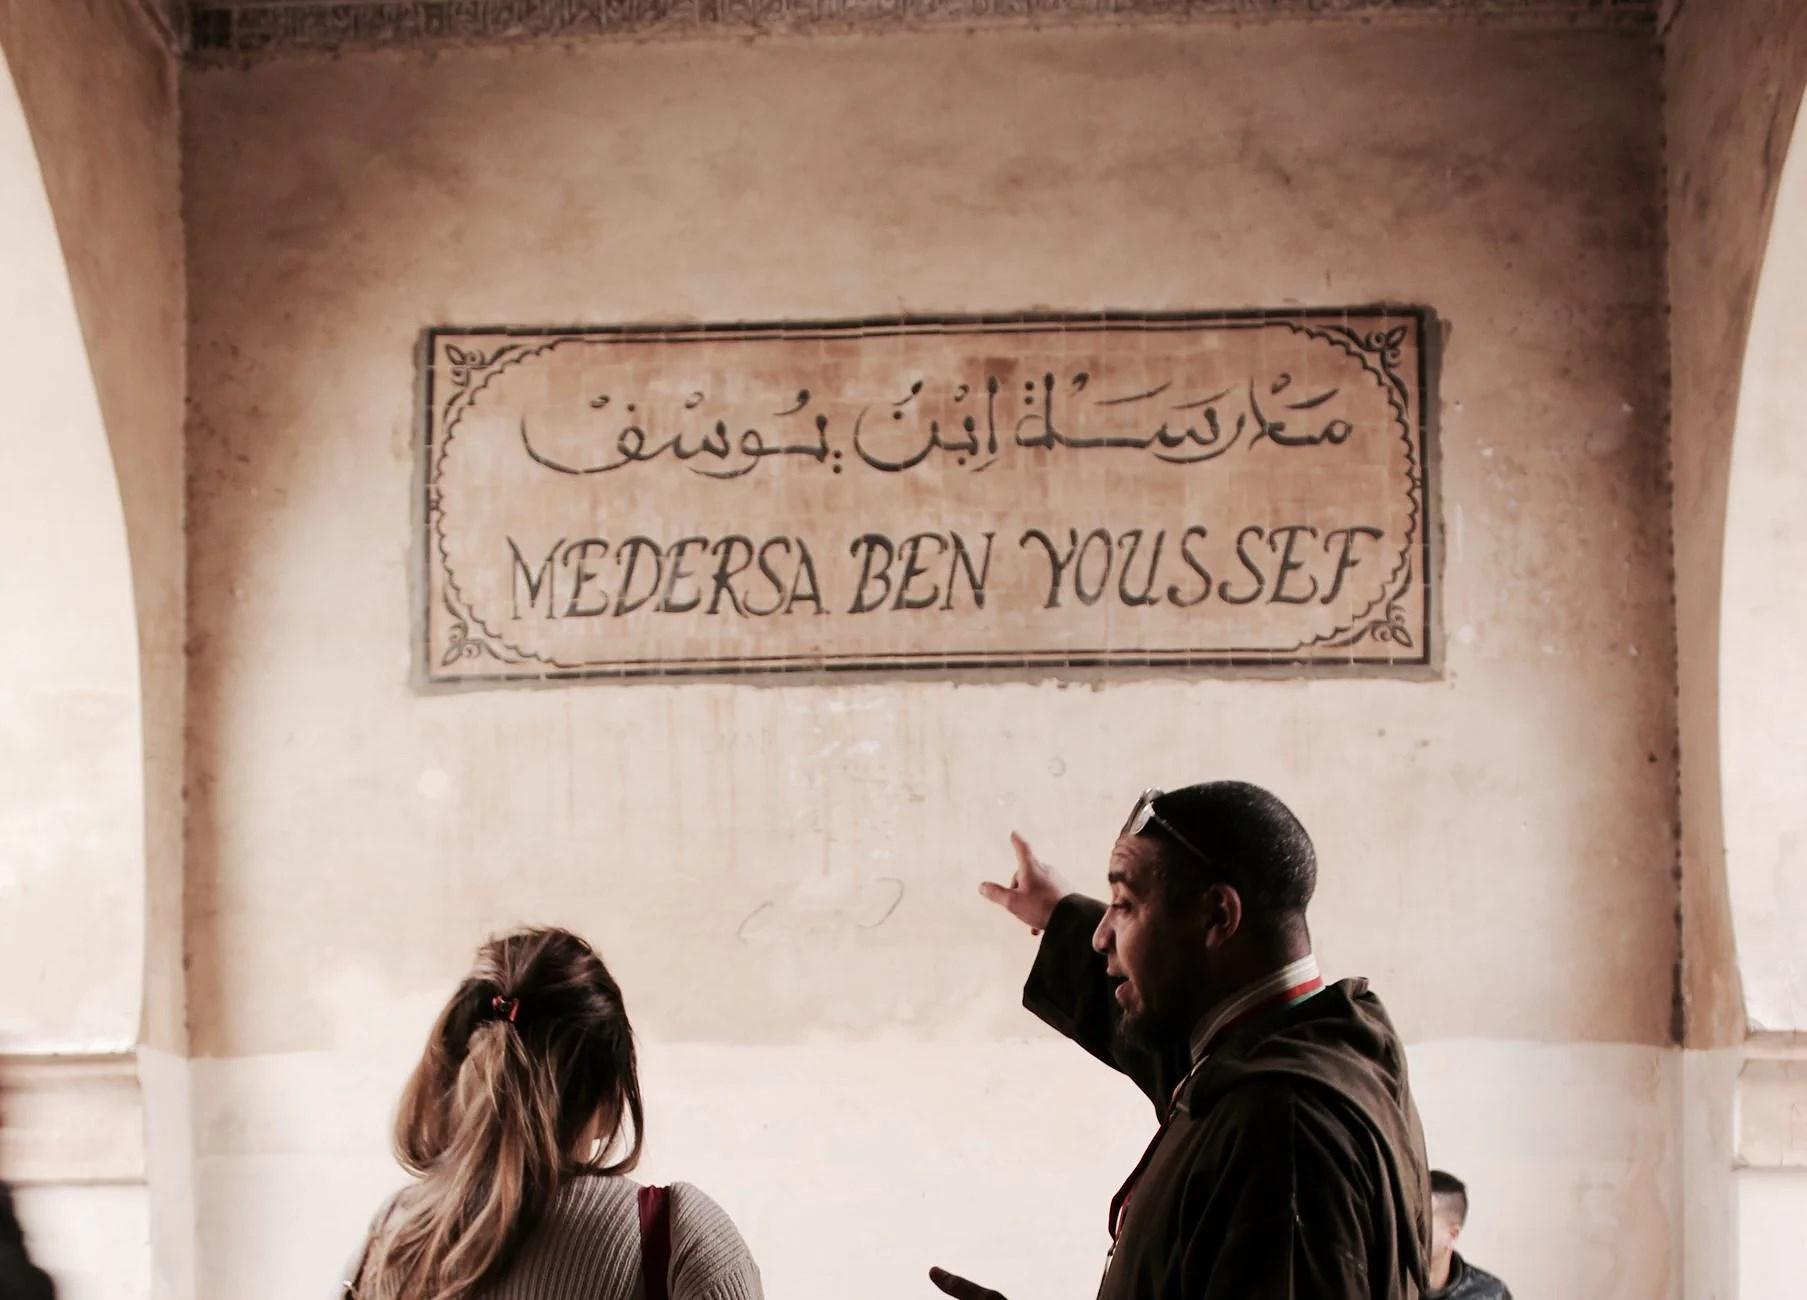 Madrasa de Ben Youssef